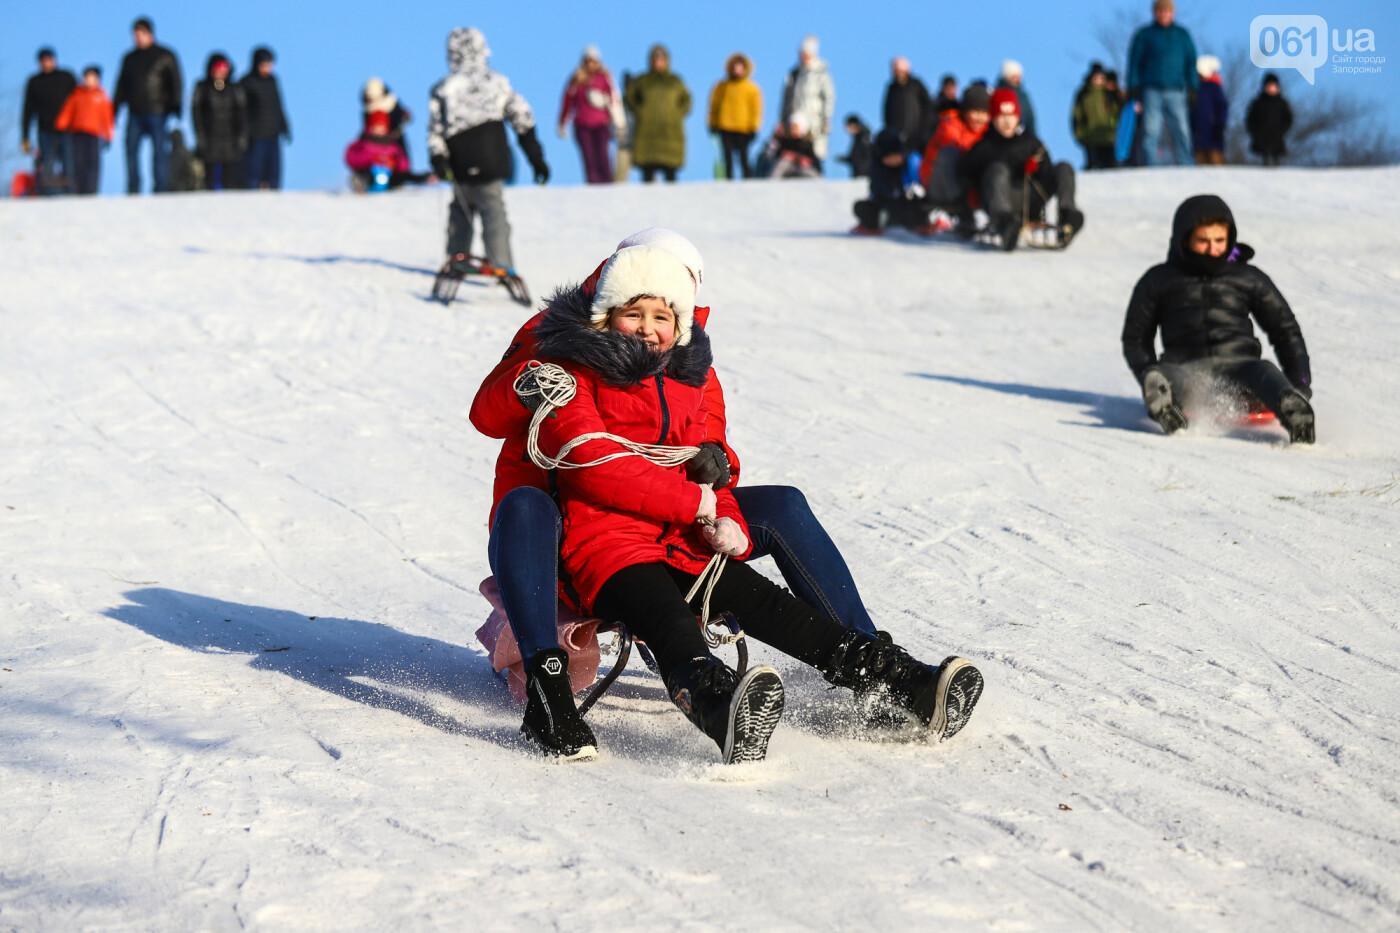 На санках, лыжах и сноуборде: запорожцы устроили массовое катание с горок в Вознесеновском парке, - ФОТОРЕПОРТАЖ, фото-98